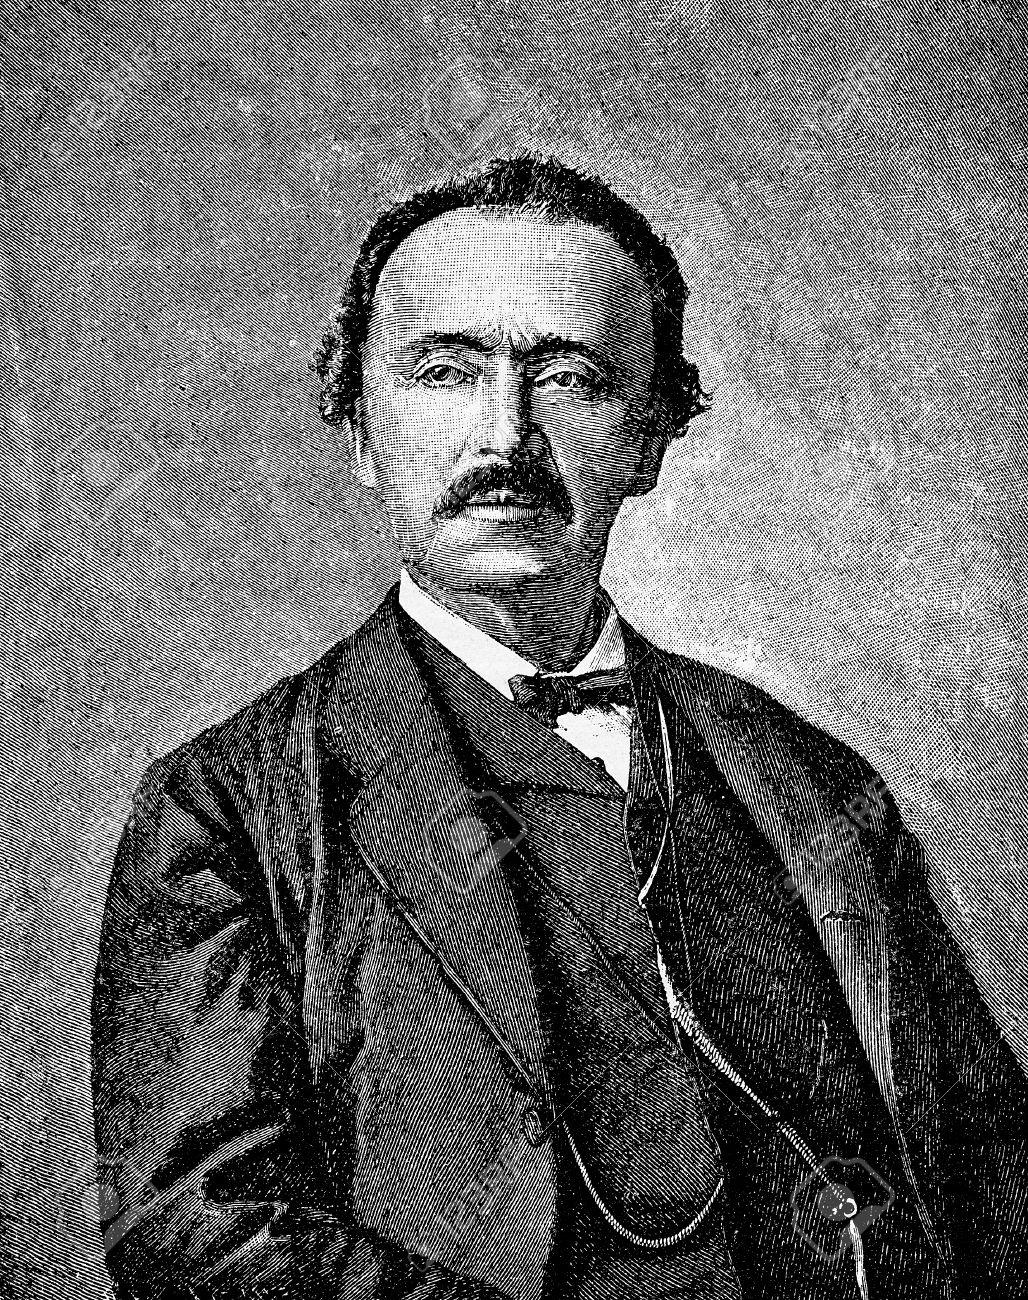 Heinrich Schliemann discoverer of Troy